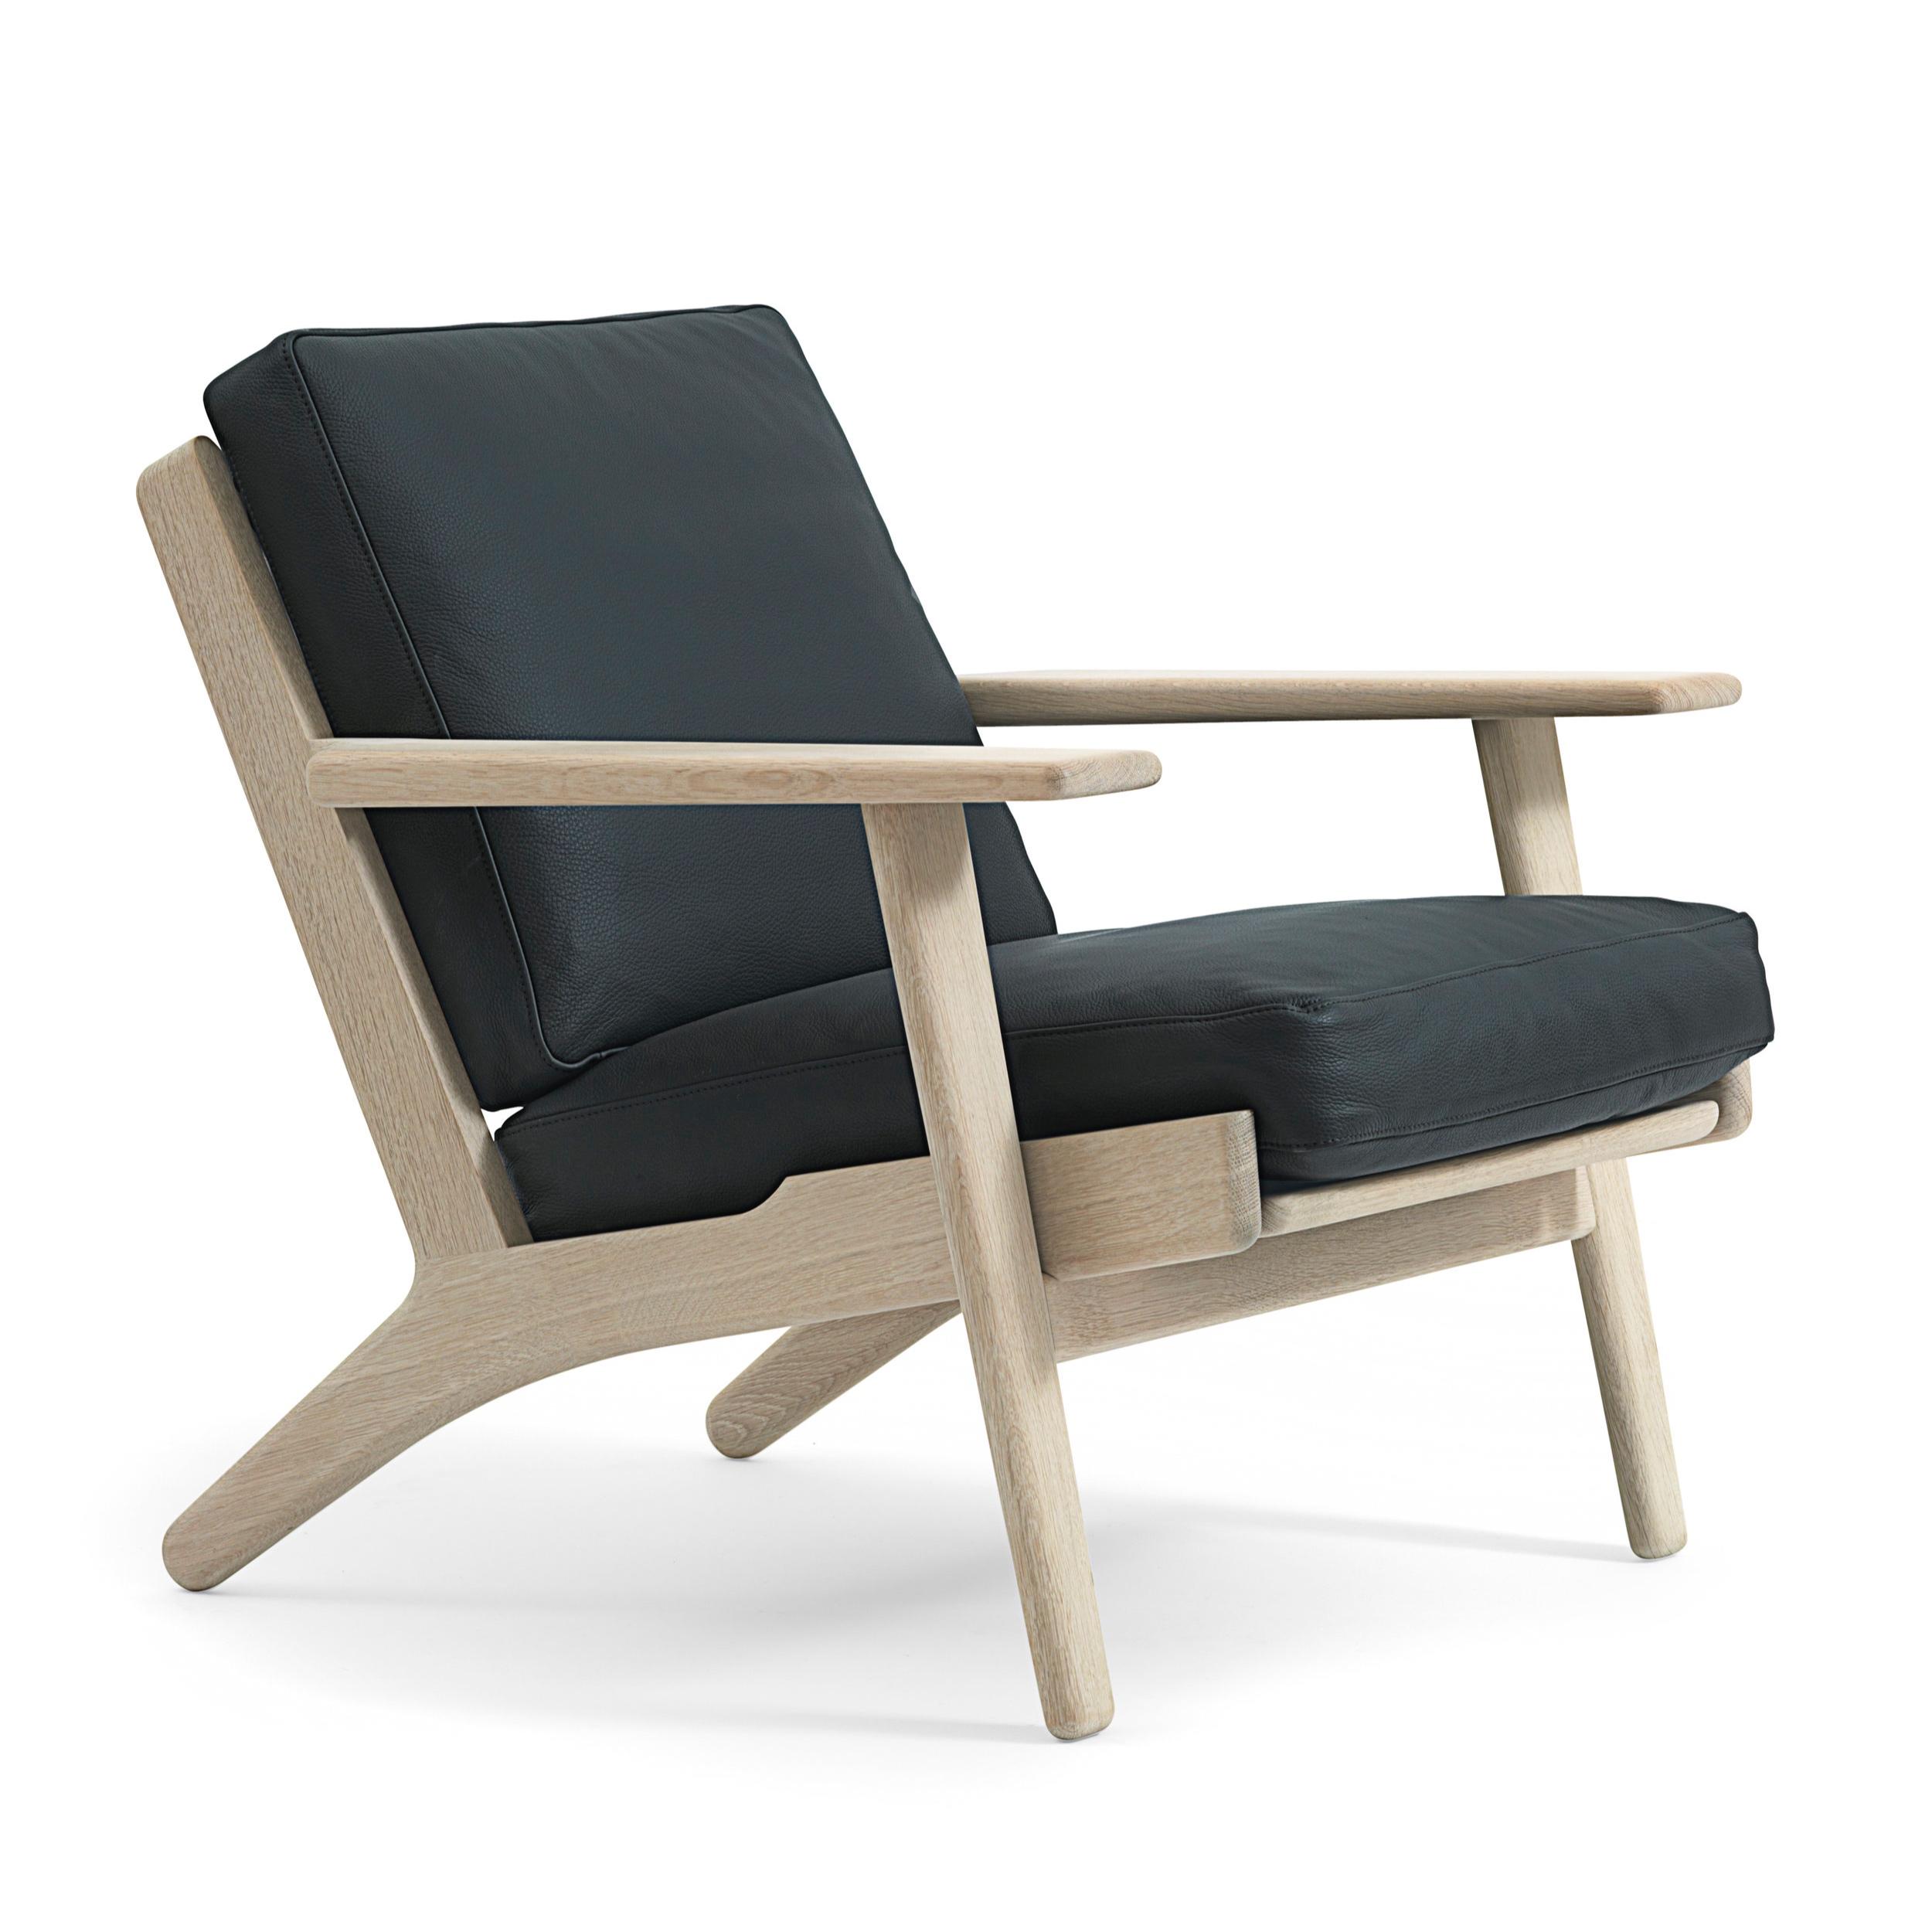 GE_290_GE290_Chair_Hans_Wegner_Getama_Gestalt_NewYork_2.jpg